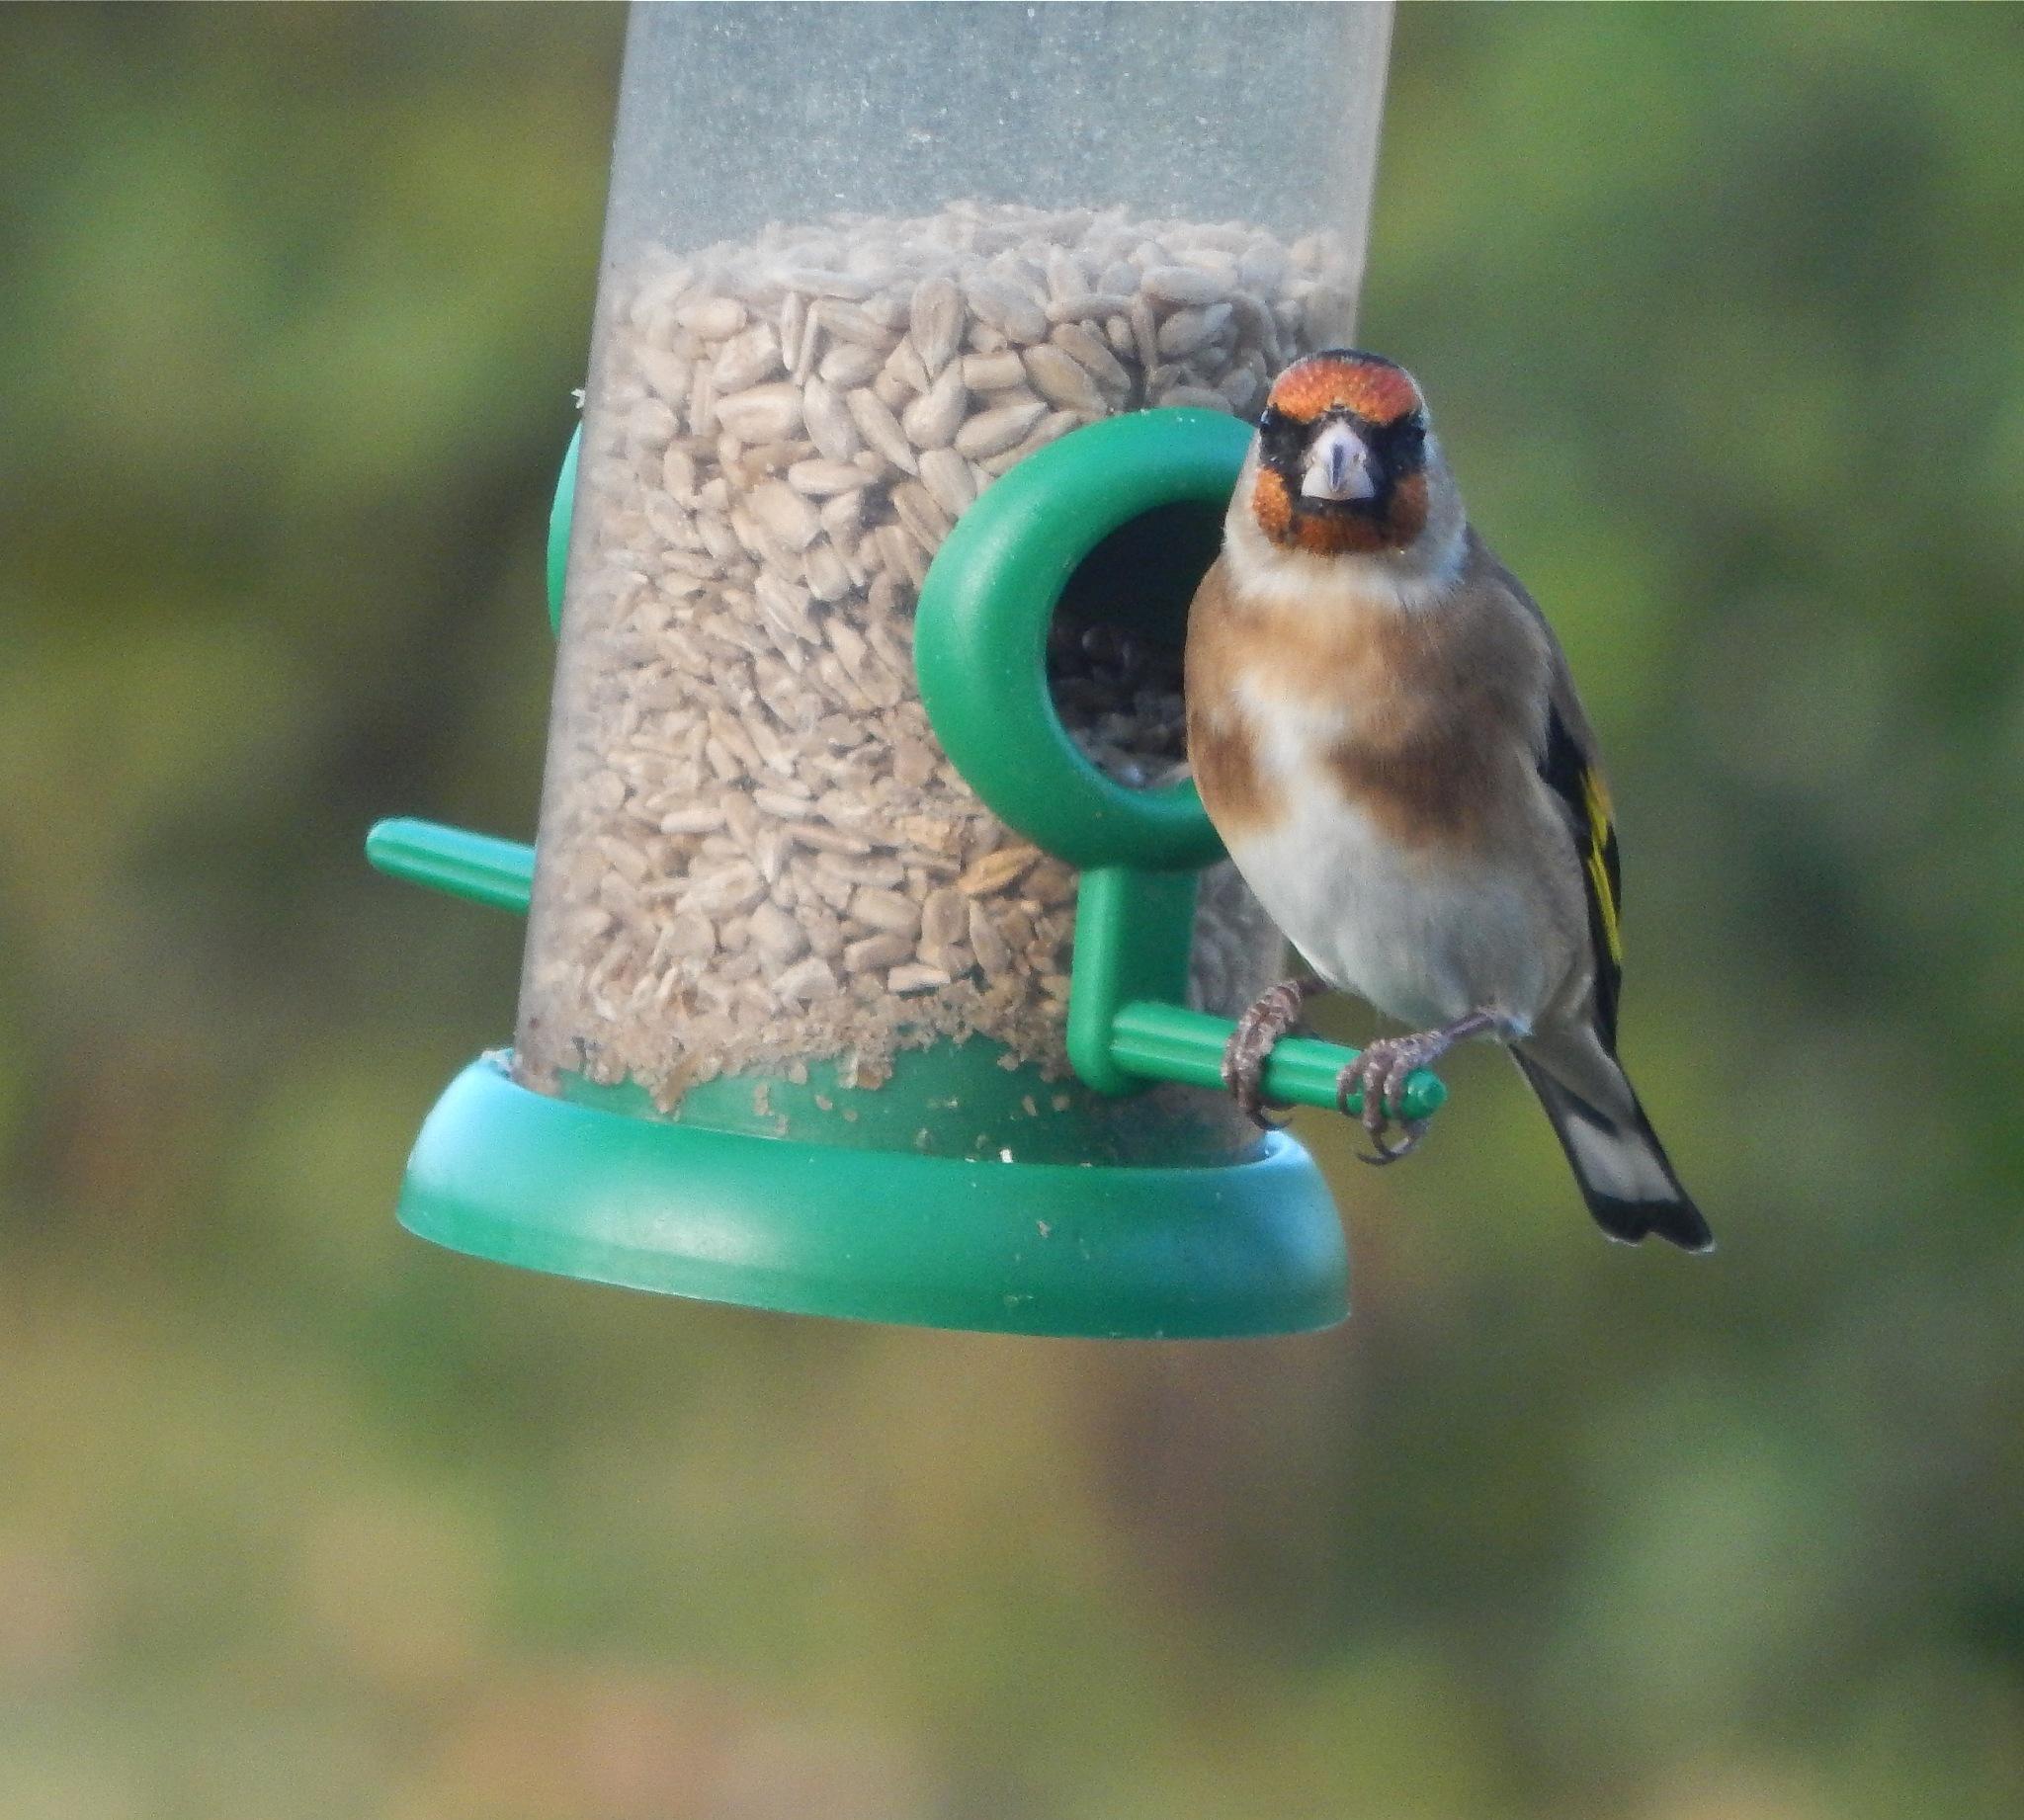 bird 17/20 by nikita.buckley.9